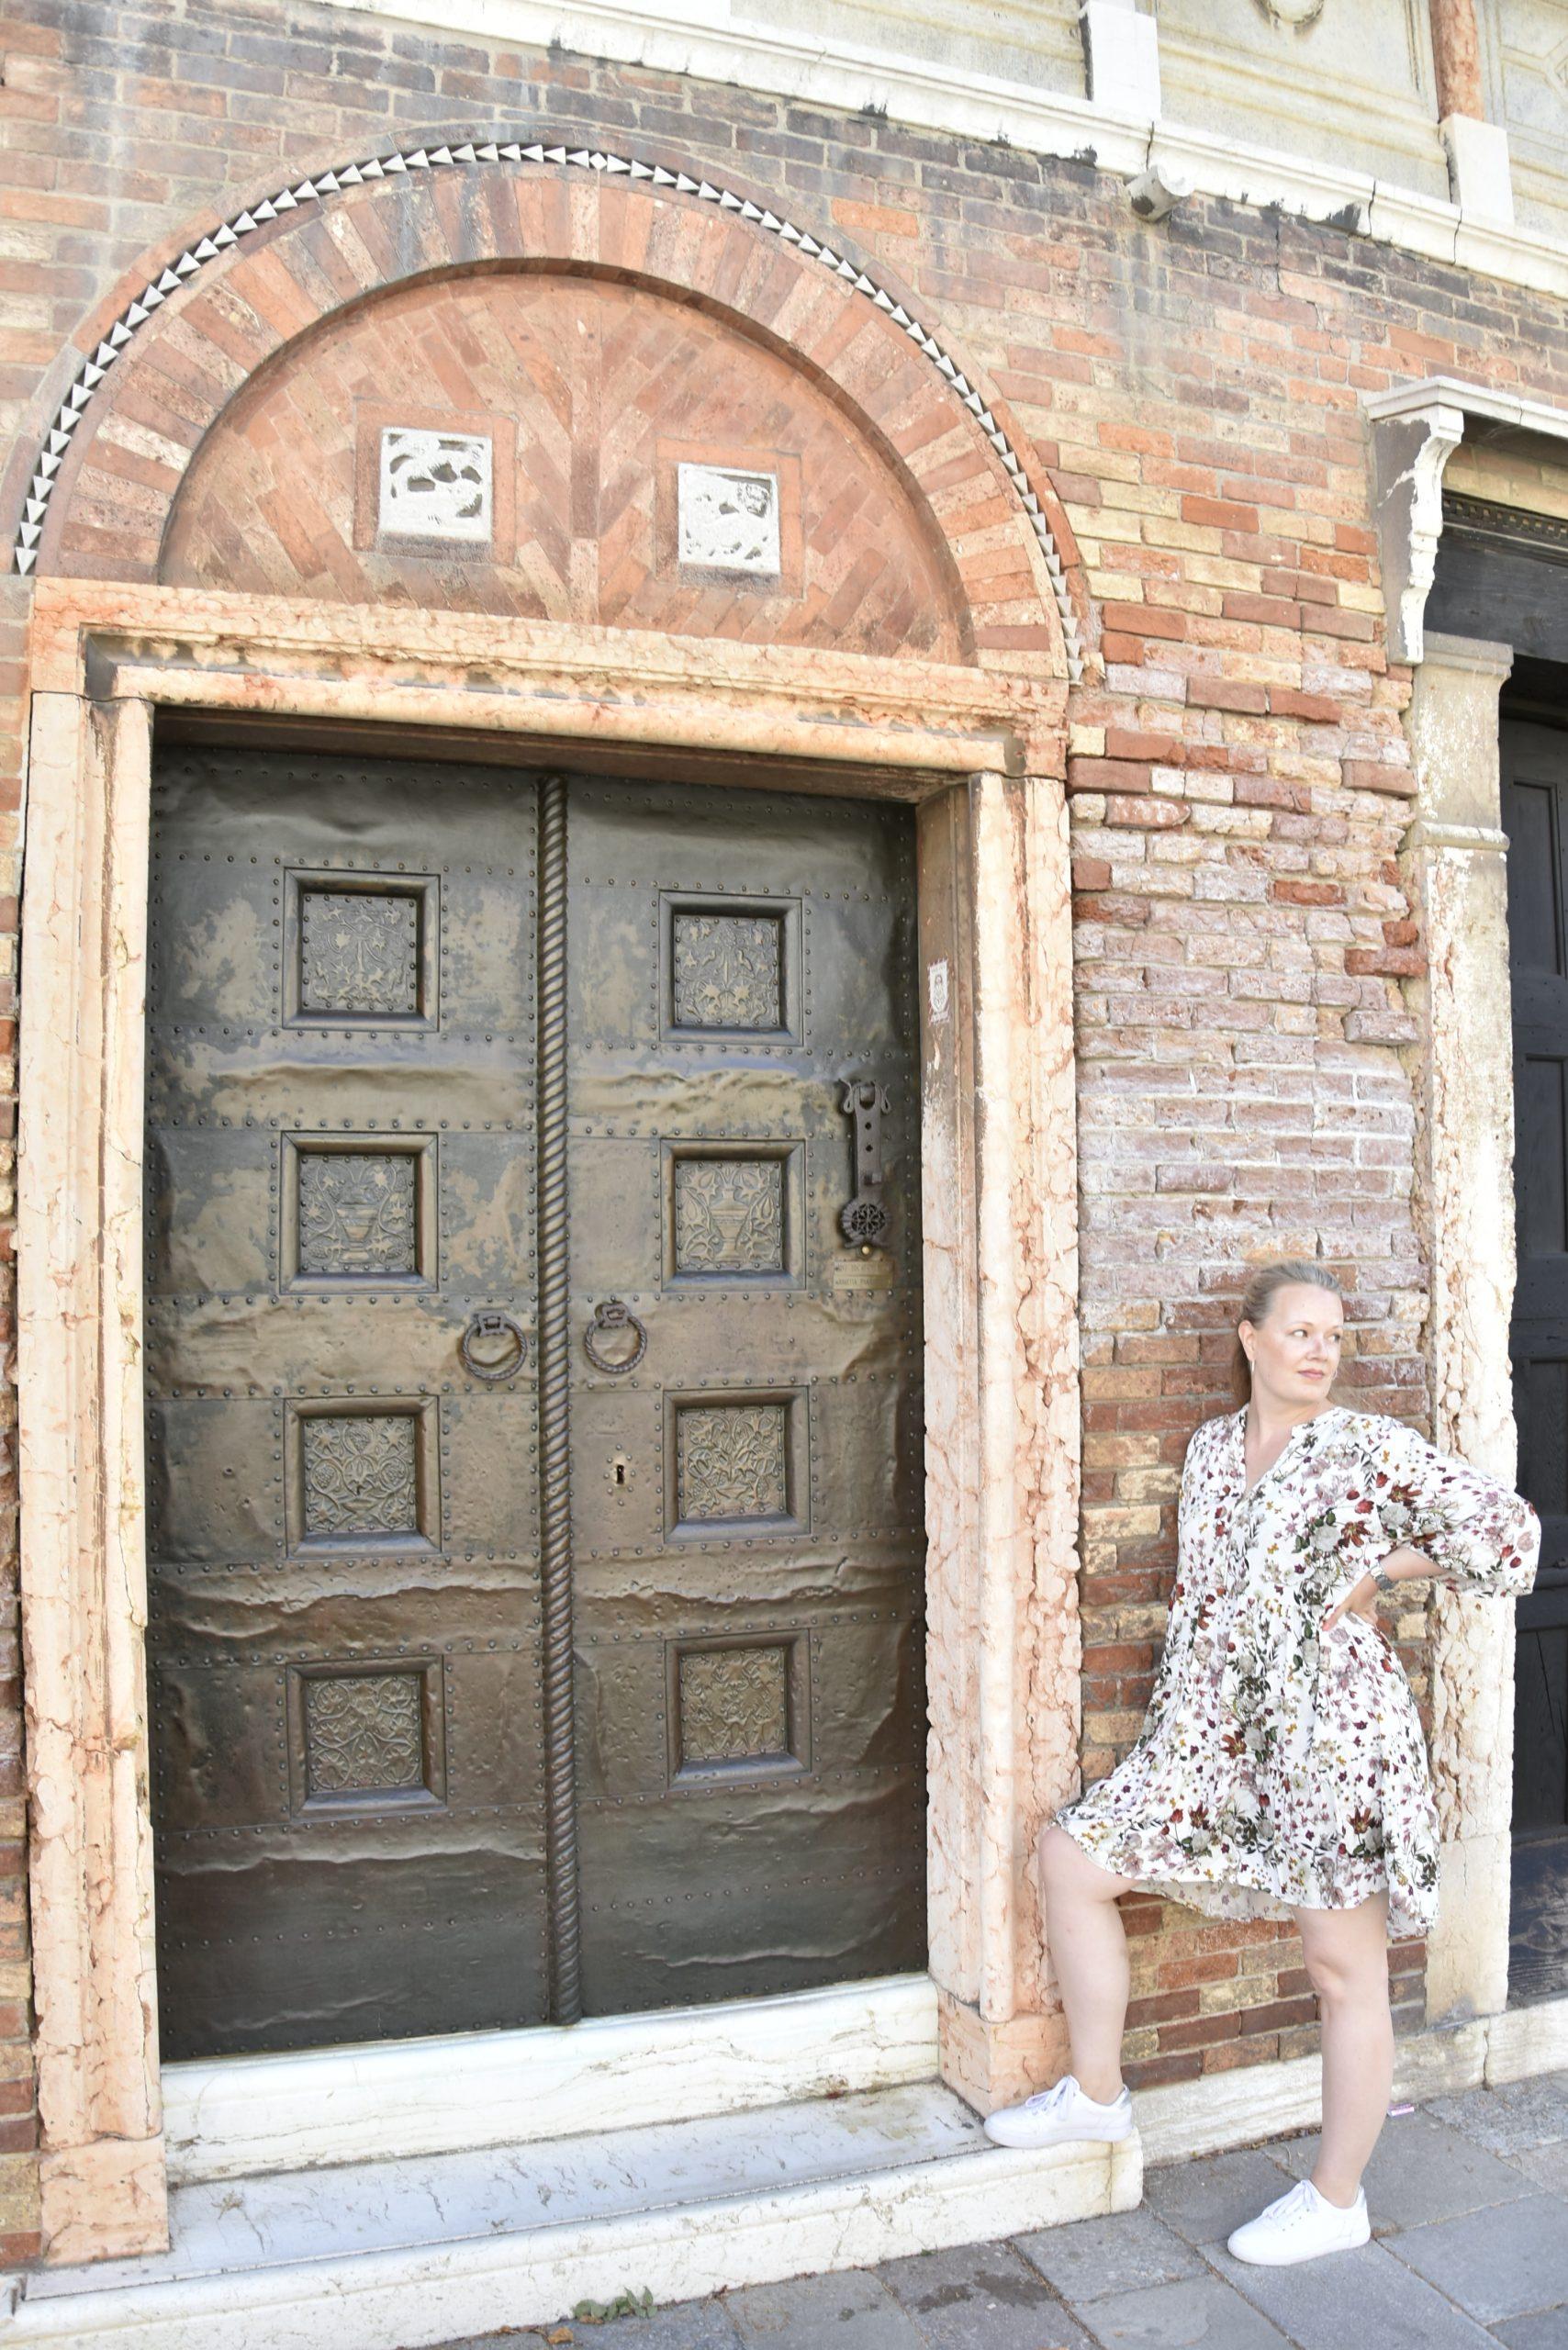 solo traveler in Venice in front of a historical door